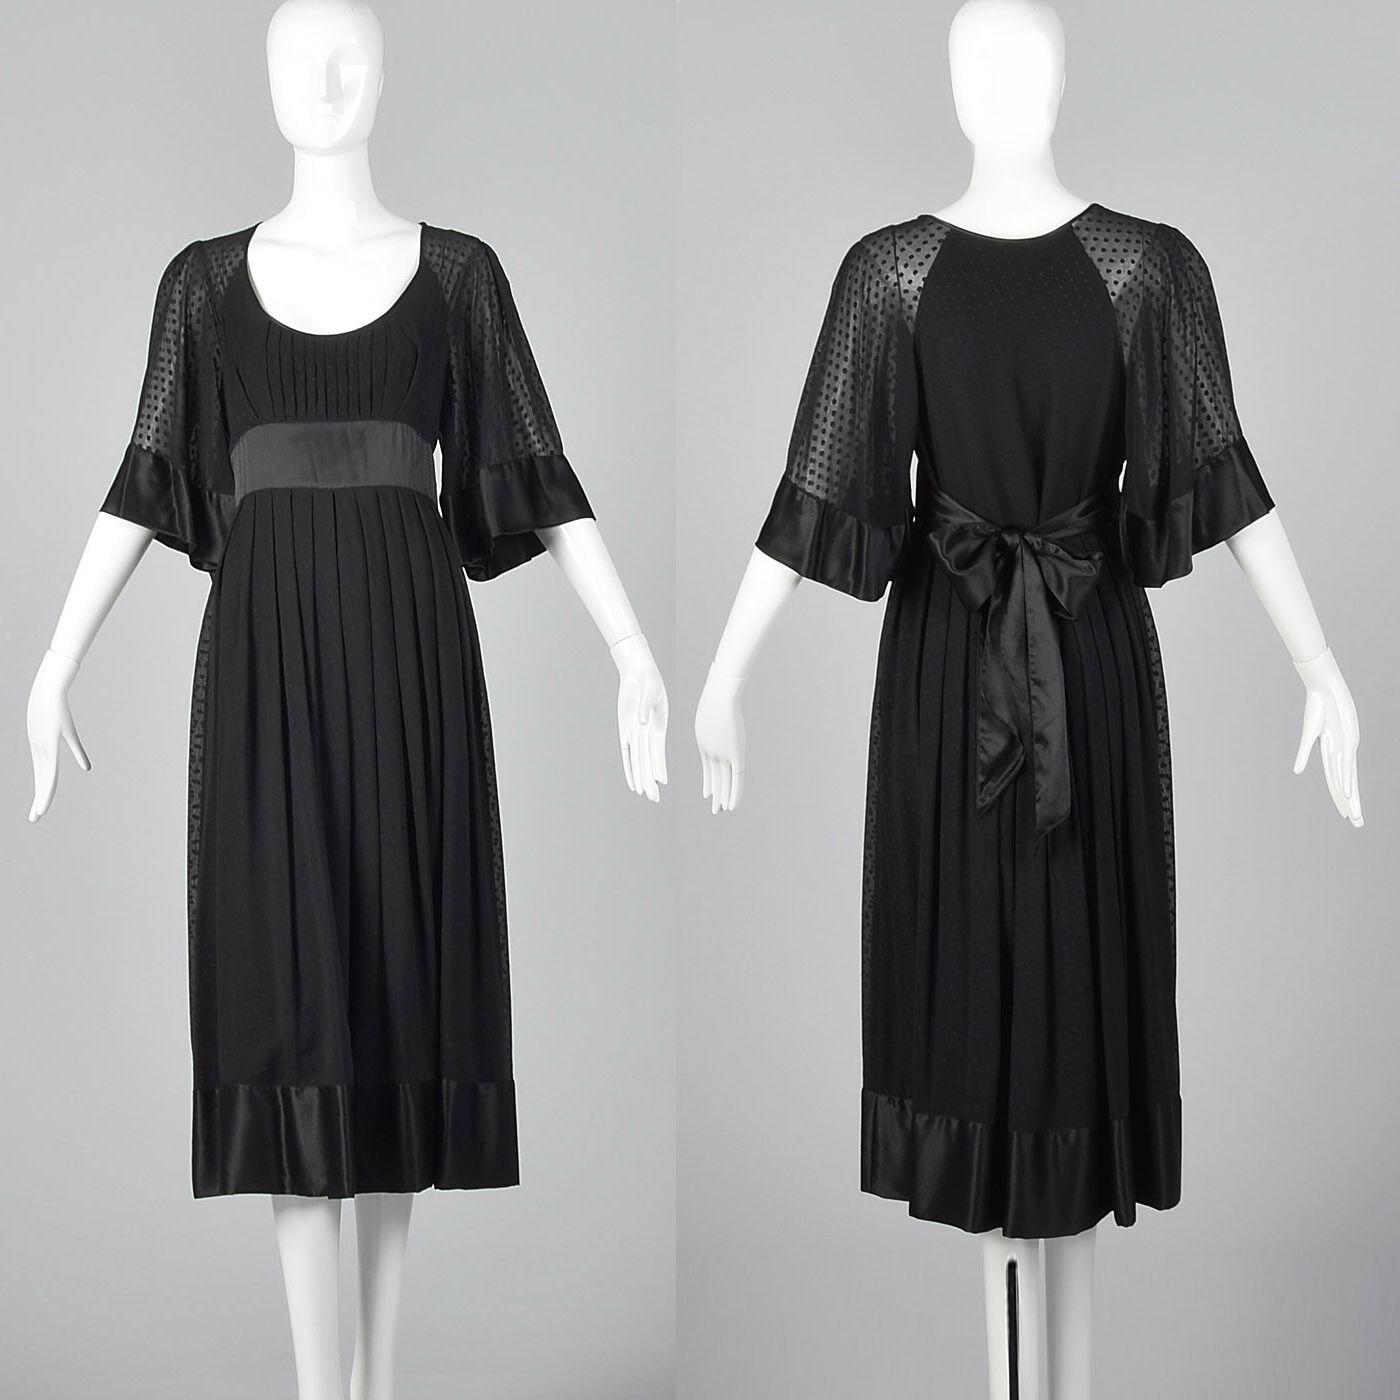 Vestido de Seda Vintage Catherine Malandrino Negro Cóctel noche  Wear Classic Vintage  ventas en linea